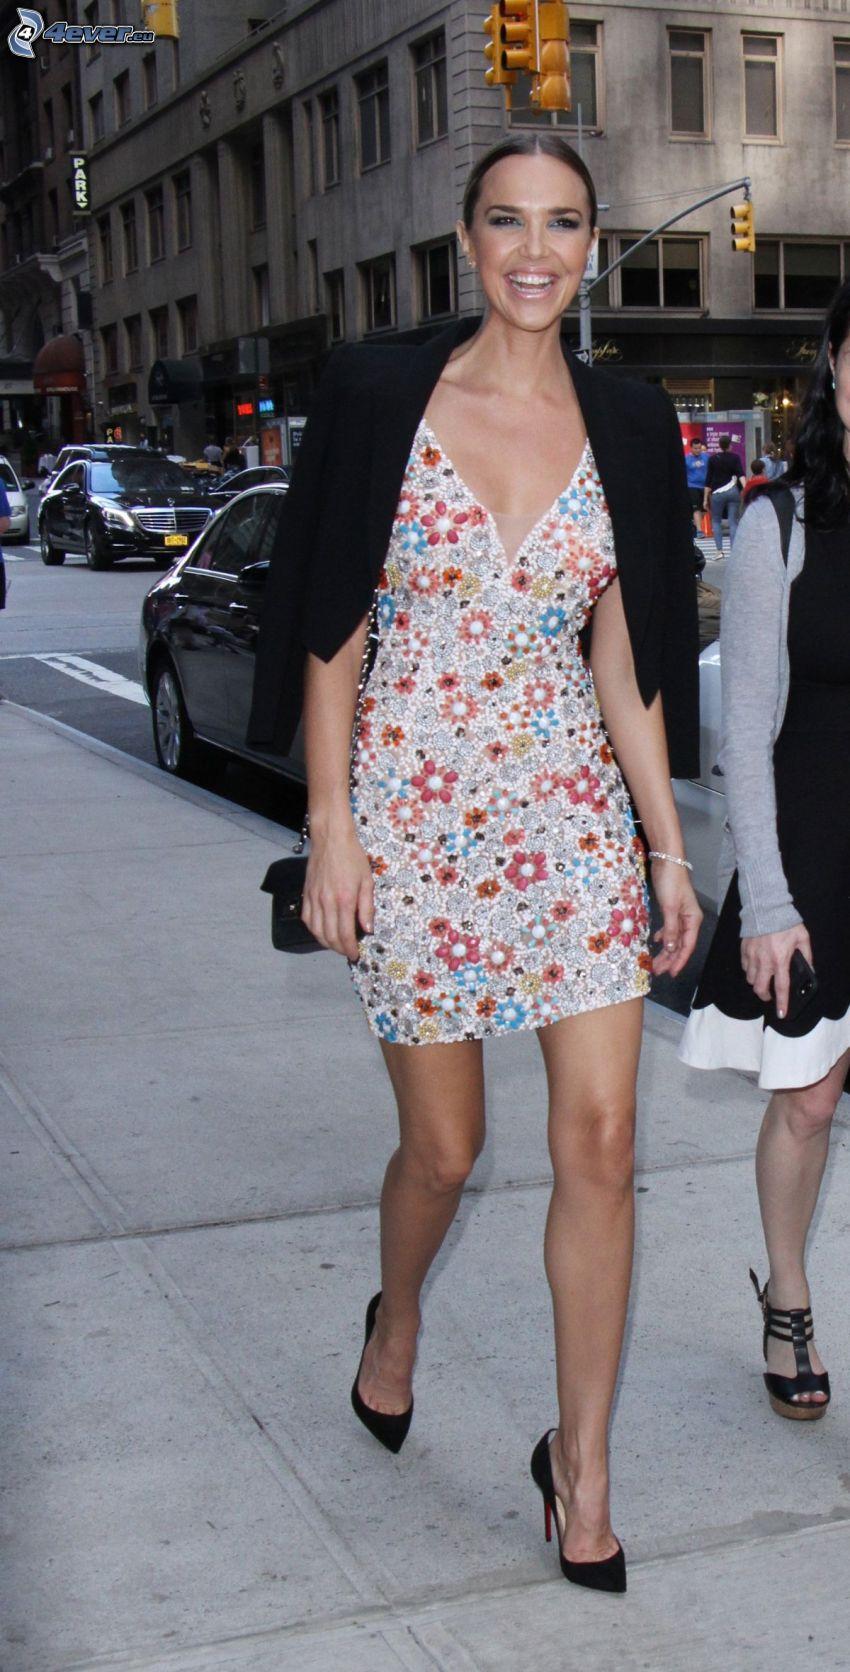 Arielle Kebbel, skratt, klackskor, blommig klänning, gata